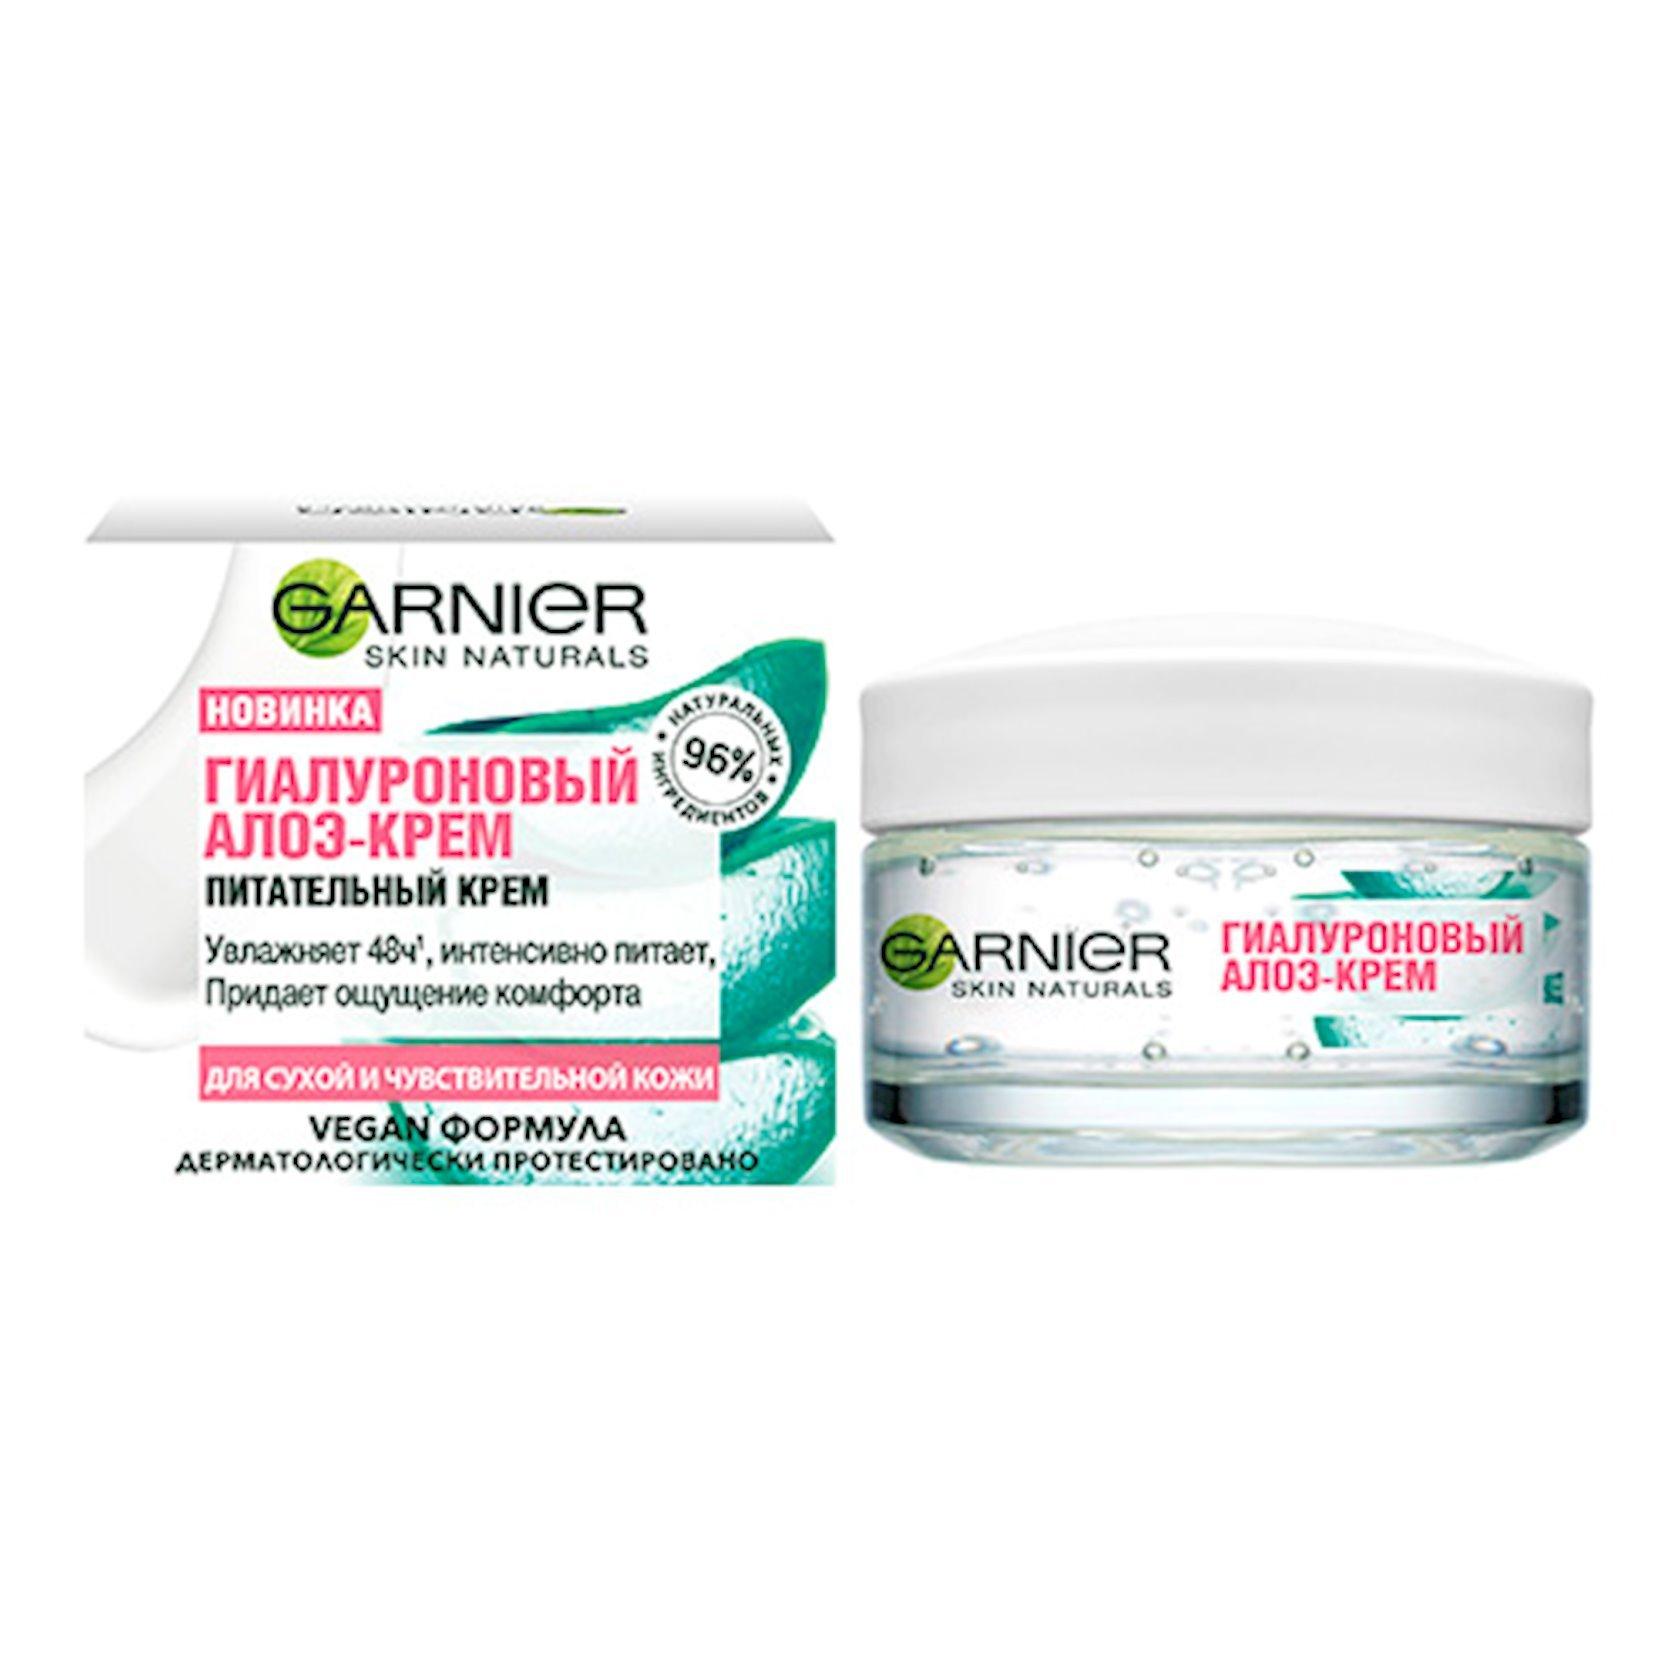 Hialuron aloye-krem Garnier Skin Naturals quru və həssas dəri üçün nəmləndirici 50 ml